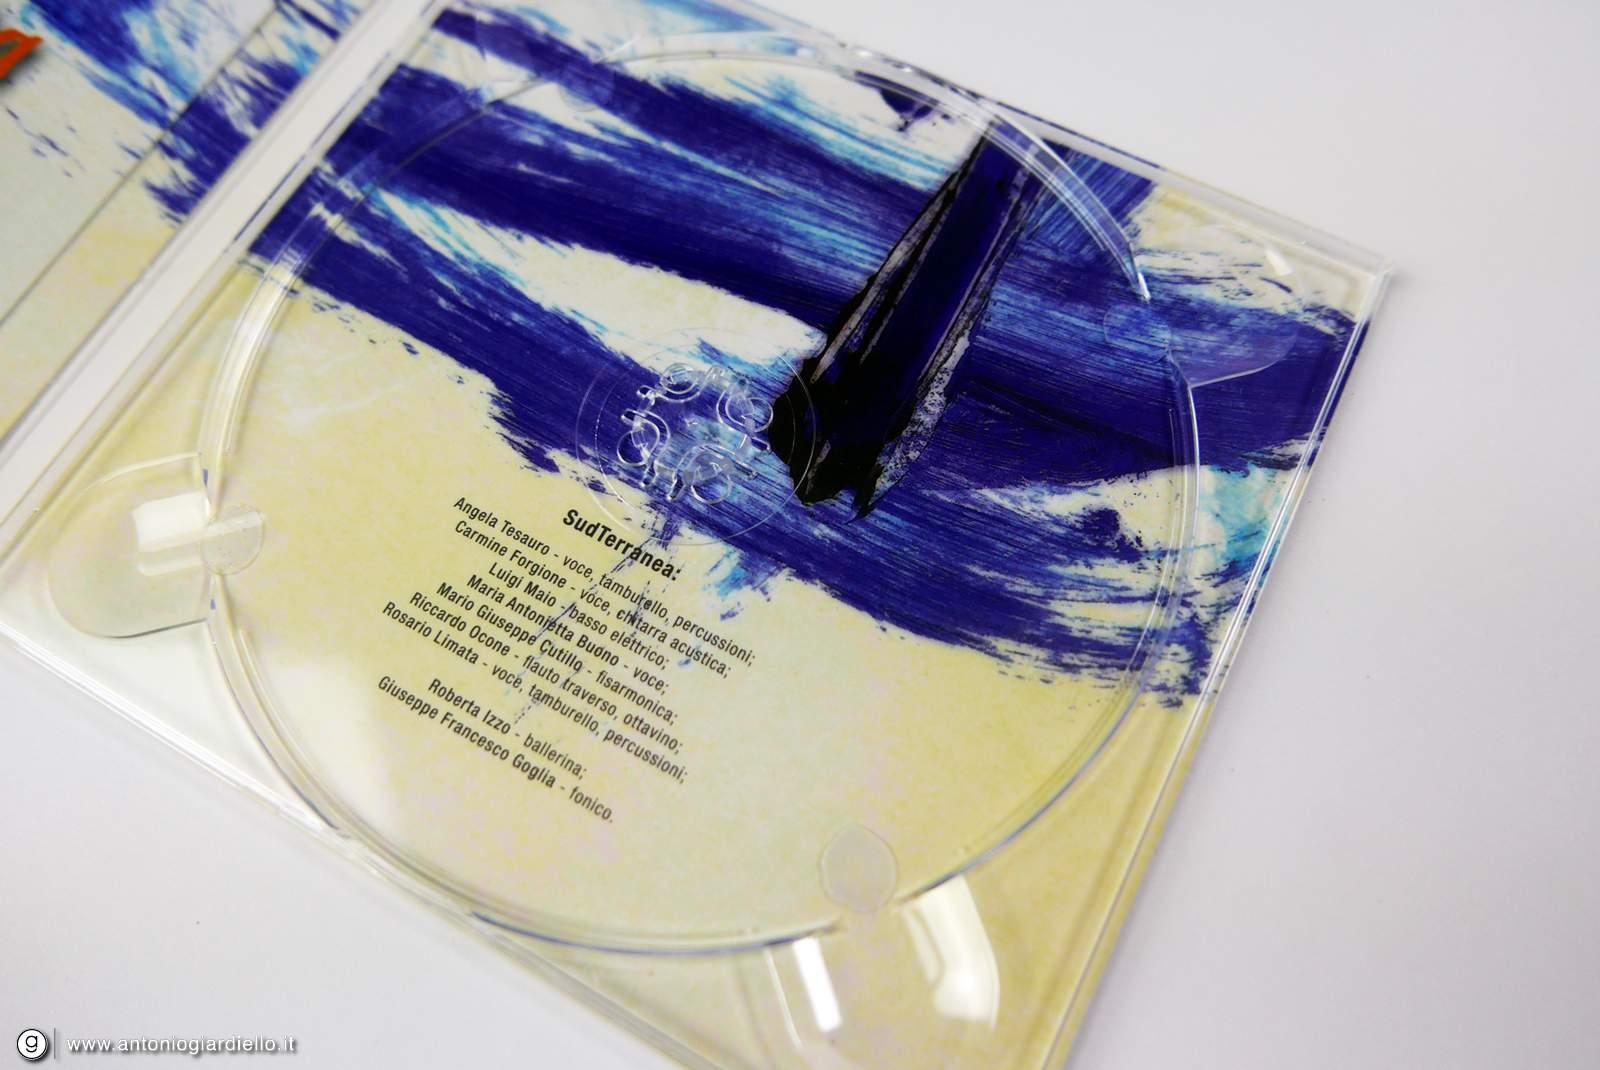 progettazione grafica album musicale poeticamente scorretto dei sudterranea14.jpg